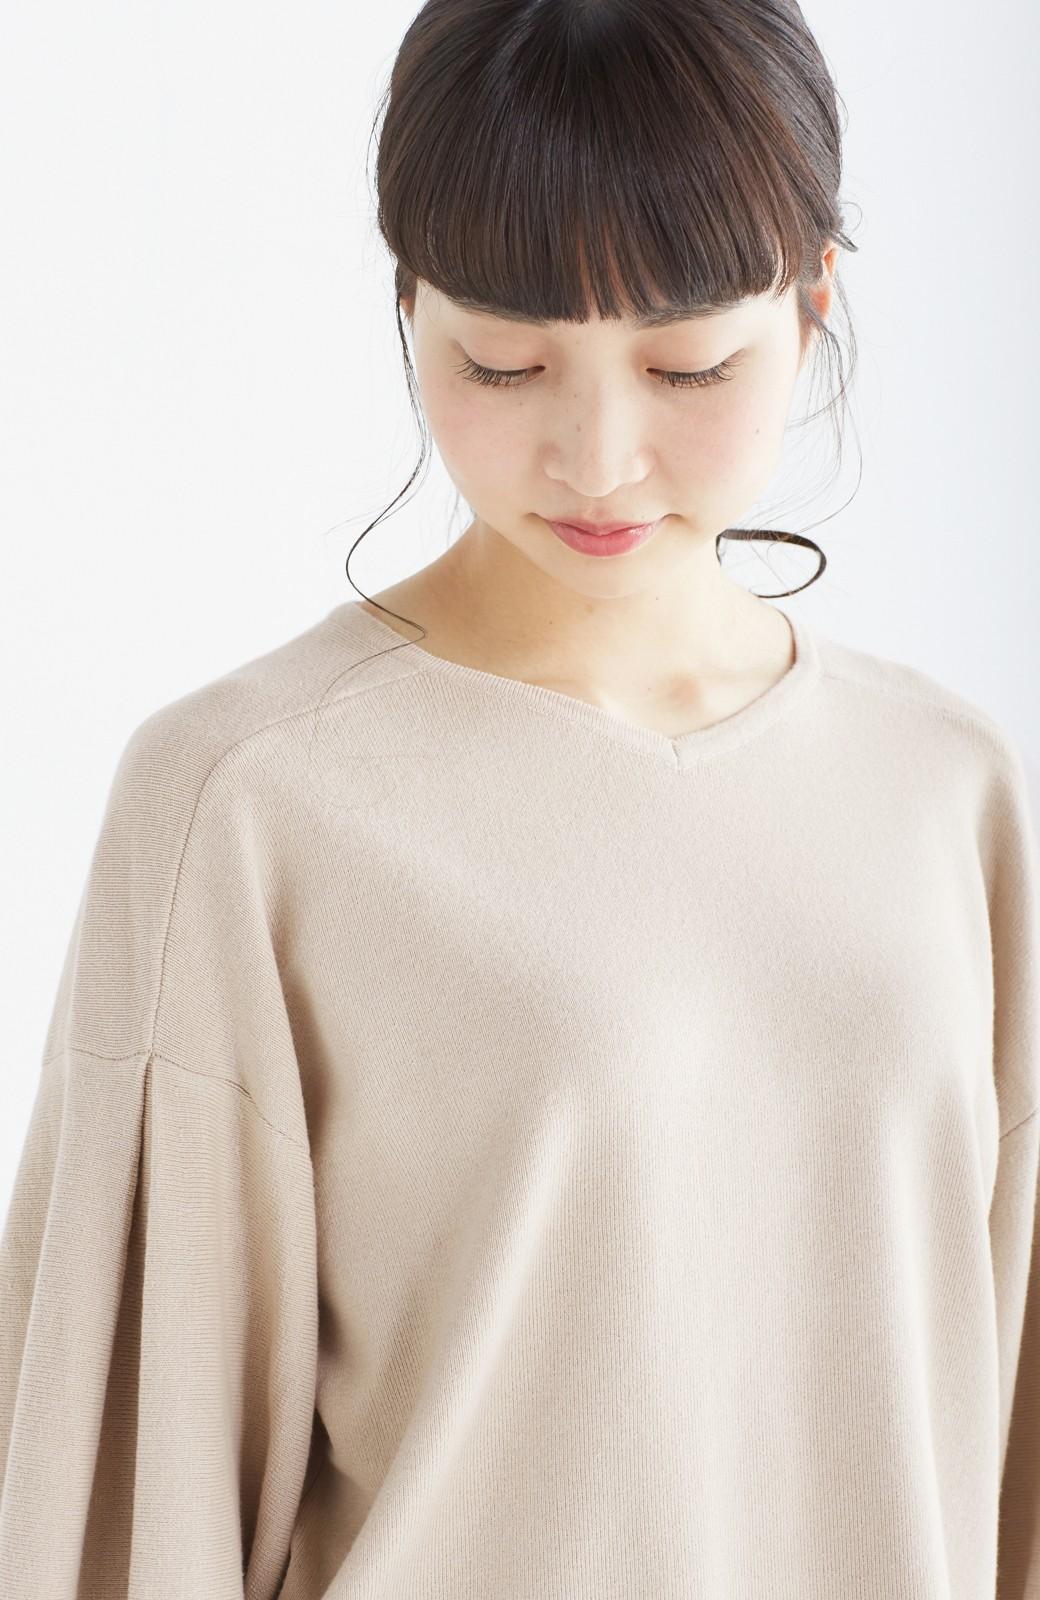 エムトロワ パッと着るだけで上品&今気分 きれいめ総針編みのぷっくり袖ニット <ベージュ>の商品写真17